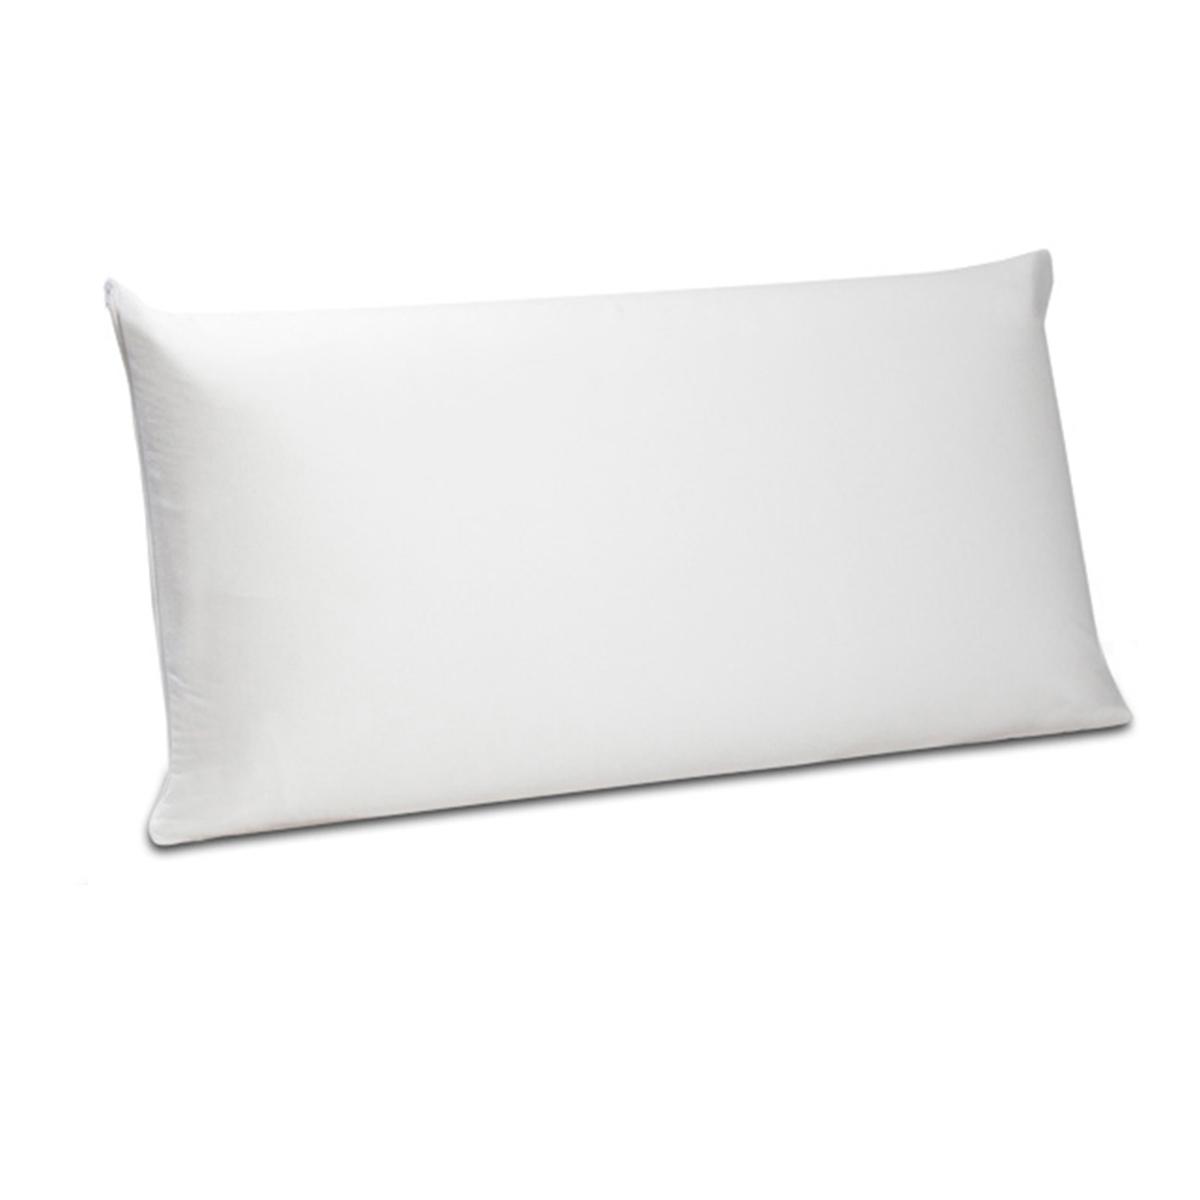 Чехол защитный непромокаемый на подушку-валик из 100% биохлопкаХарактеристики защитного чехла на подушку-валик из 100% биохлопка :Джерси, 100% биохлопок (135 г/м?) со слоем полиуретановой пленки (40 г/м2), прозрачной и дышащей.Застежка на молнию.Машинная стирка при температуре до 60 °С.<br><br>Цвет: экрю<br>Размер: длина: 160 см